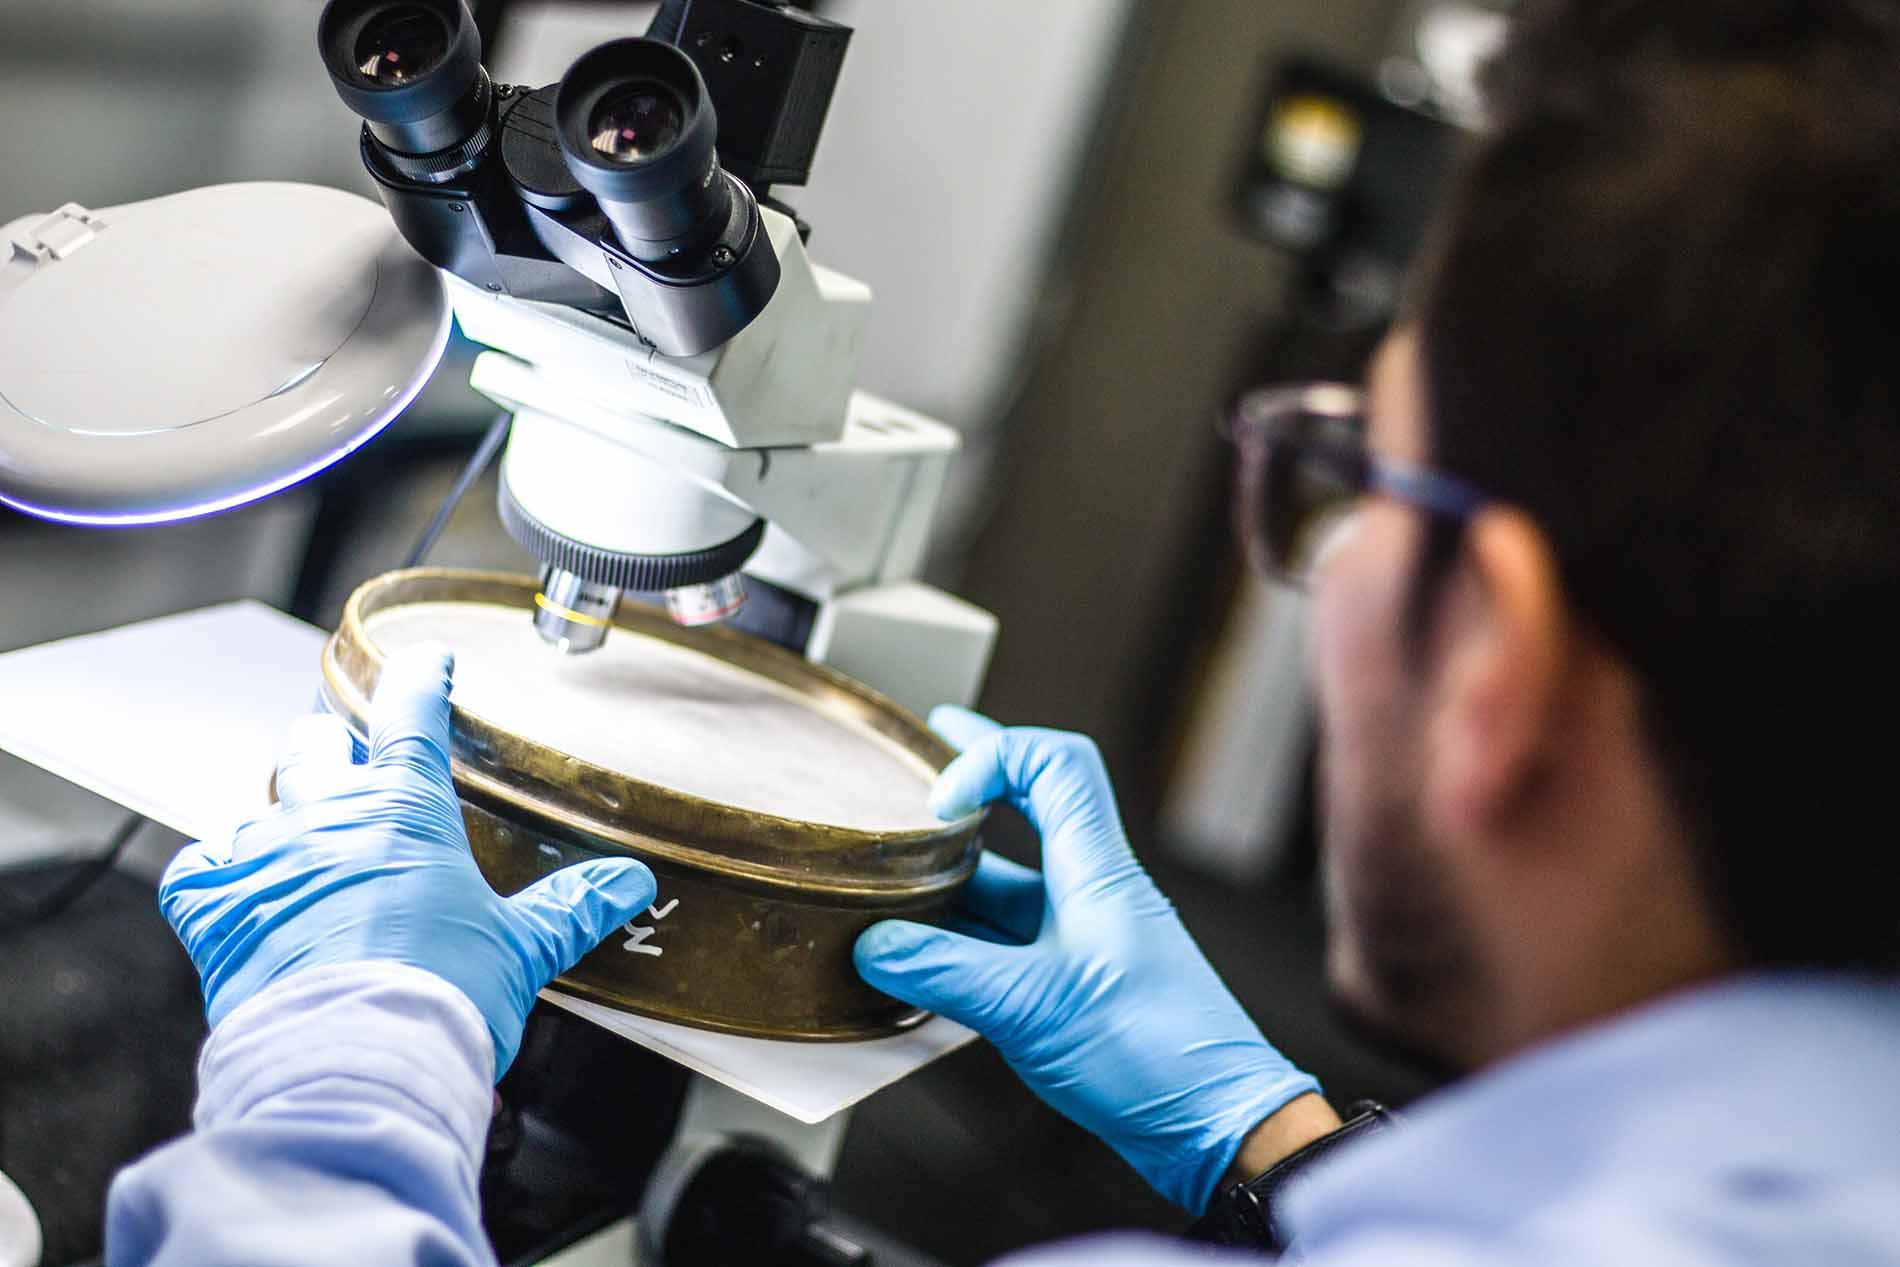 Laboratorio de ensayos de materiales - Metrologia calibracion foto tamiz